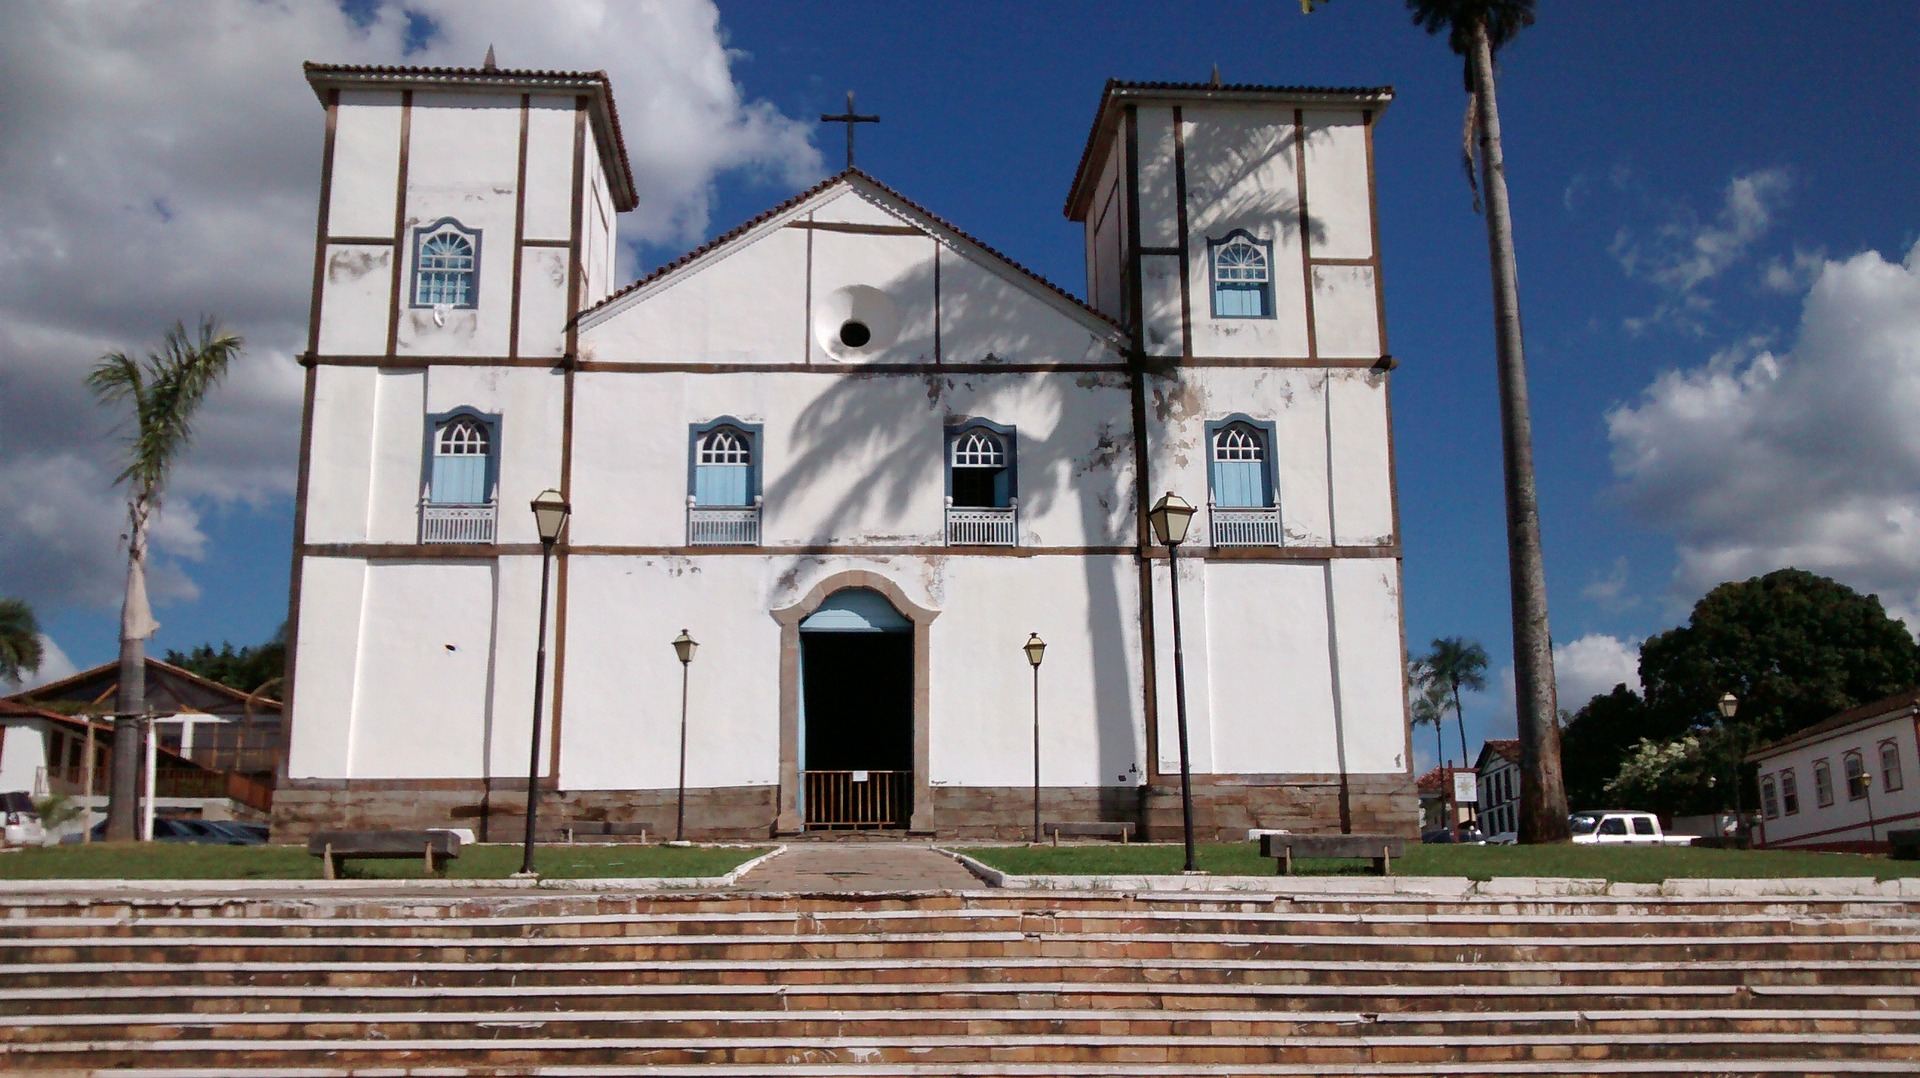 Pontalina - Goiás